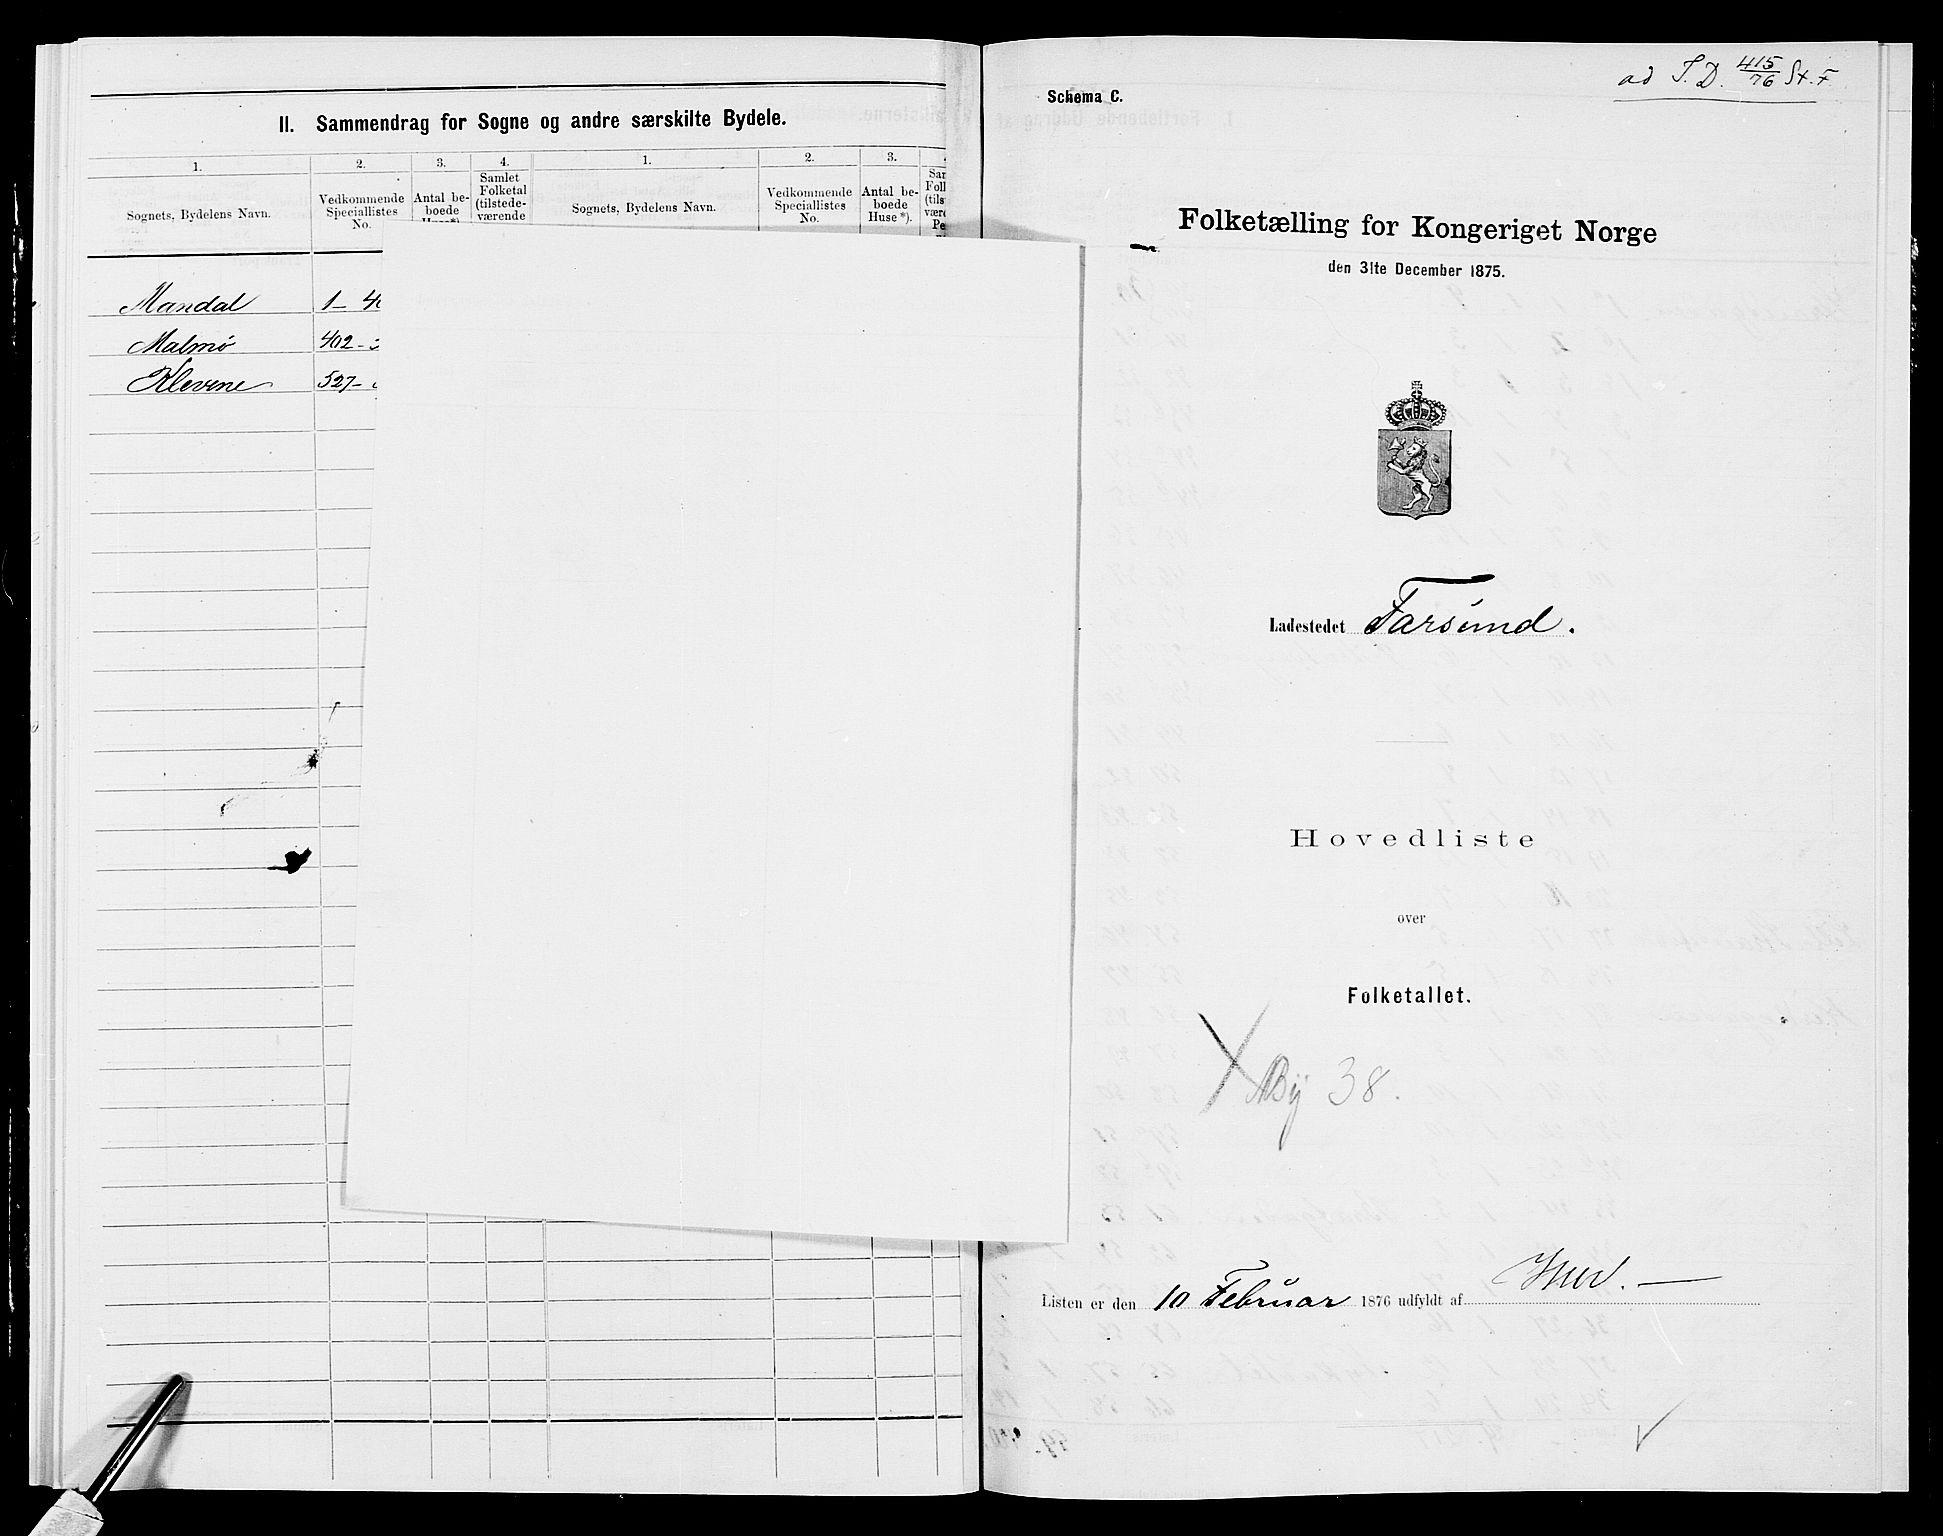 SAK, Folketelling 1875 for 1003B Vanse prestegjeld, Farsund ladested, 1875, s. 1